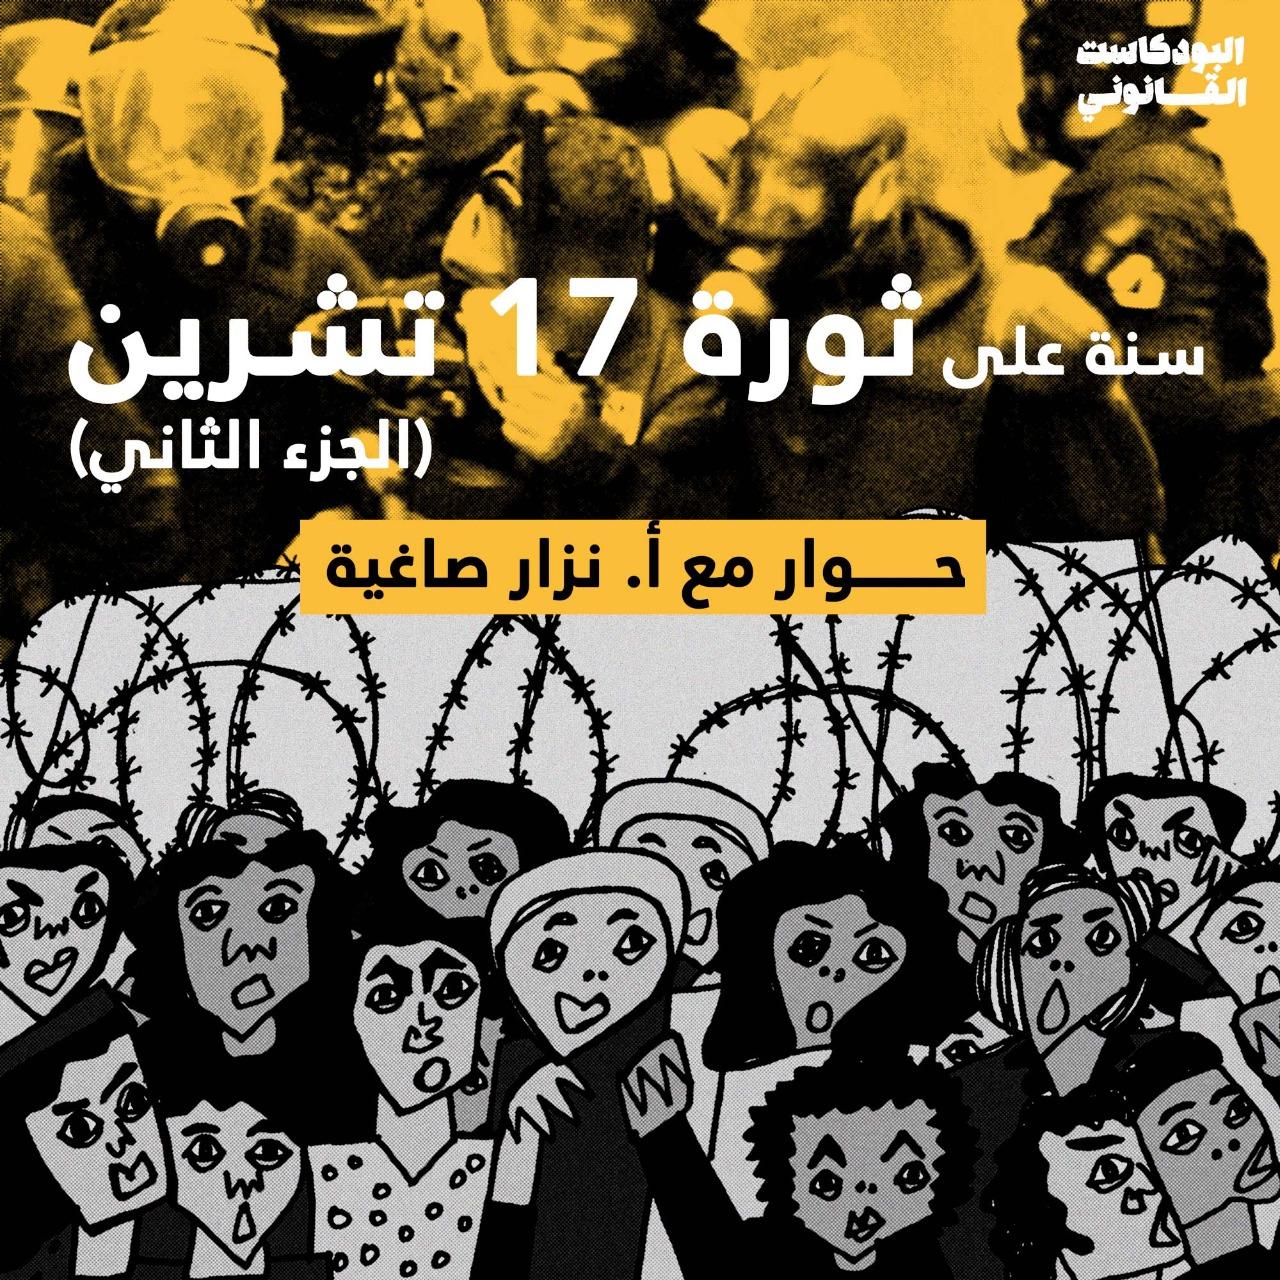 Qanuni Podcast (S02 E31): سنة على ثورة 17 تشرين (الجزء الثاني)